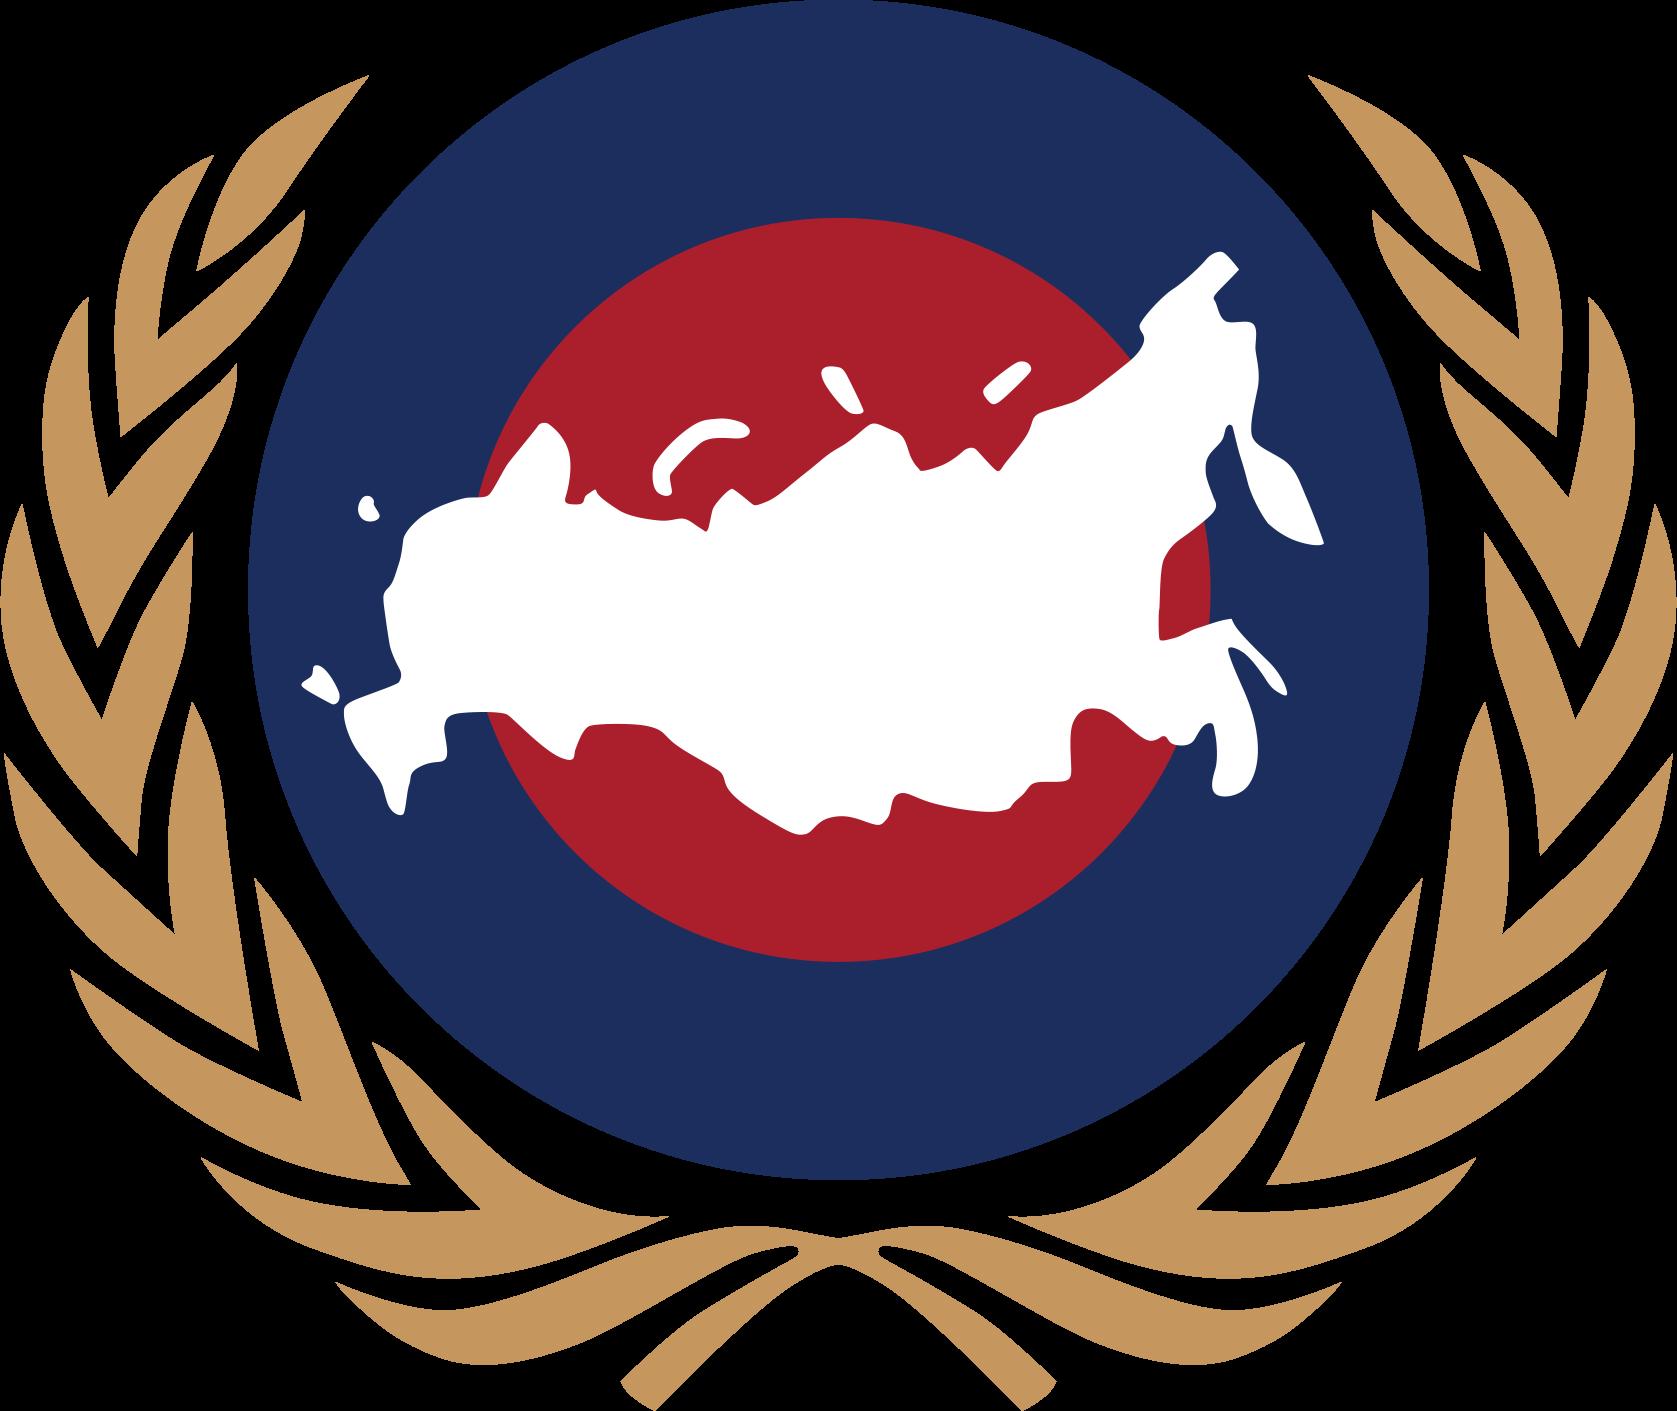 icon - Zamzam + Федерация мигрантов России = новый интересный союз?